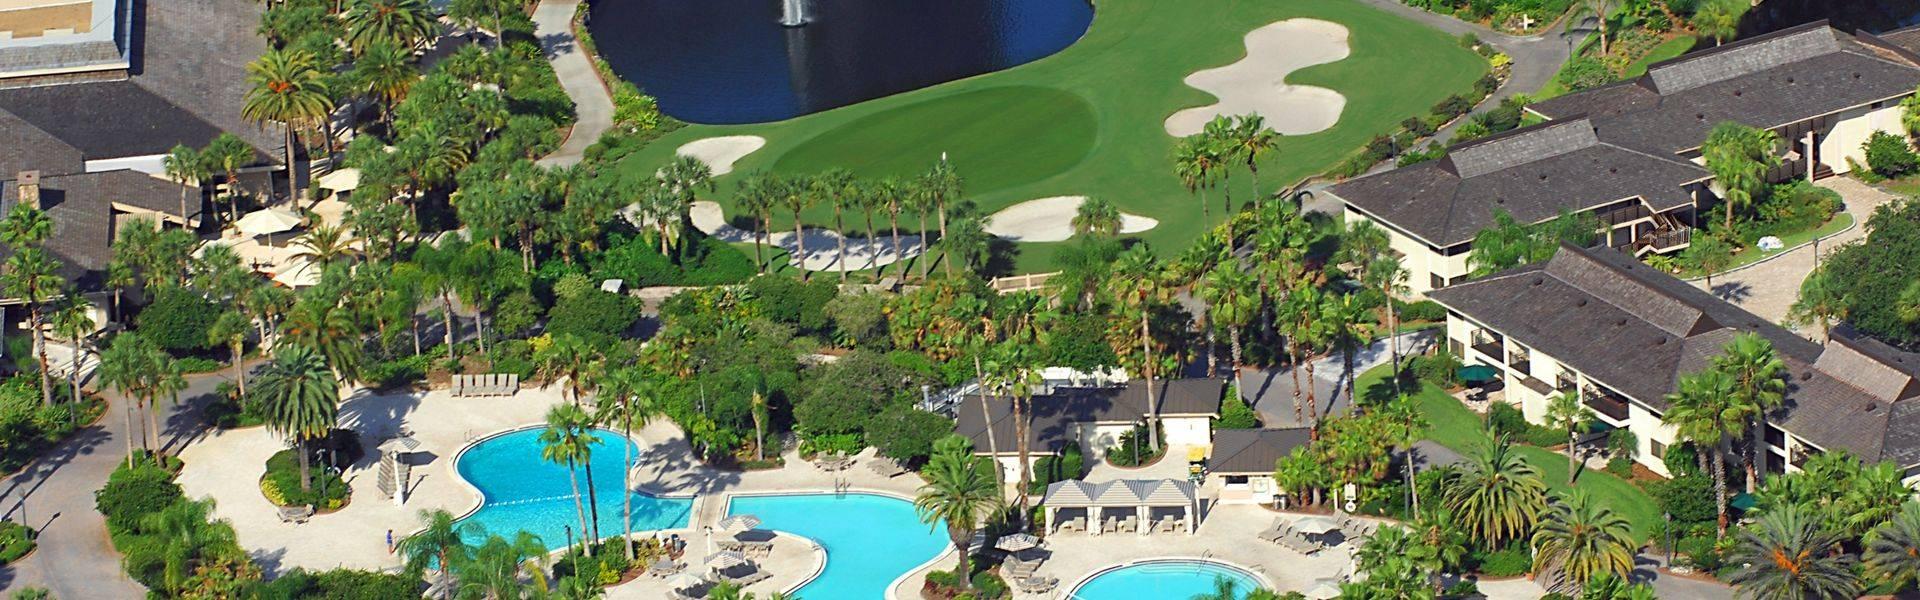 Saddlebrook-golf-aerial.jpg